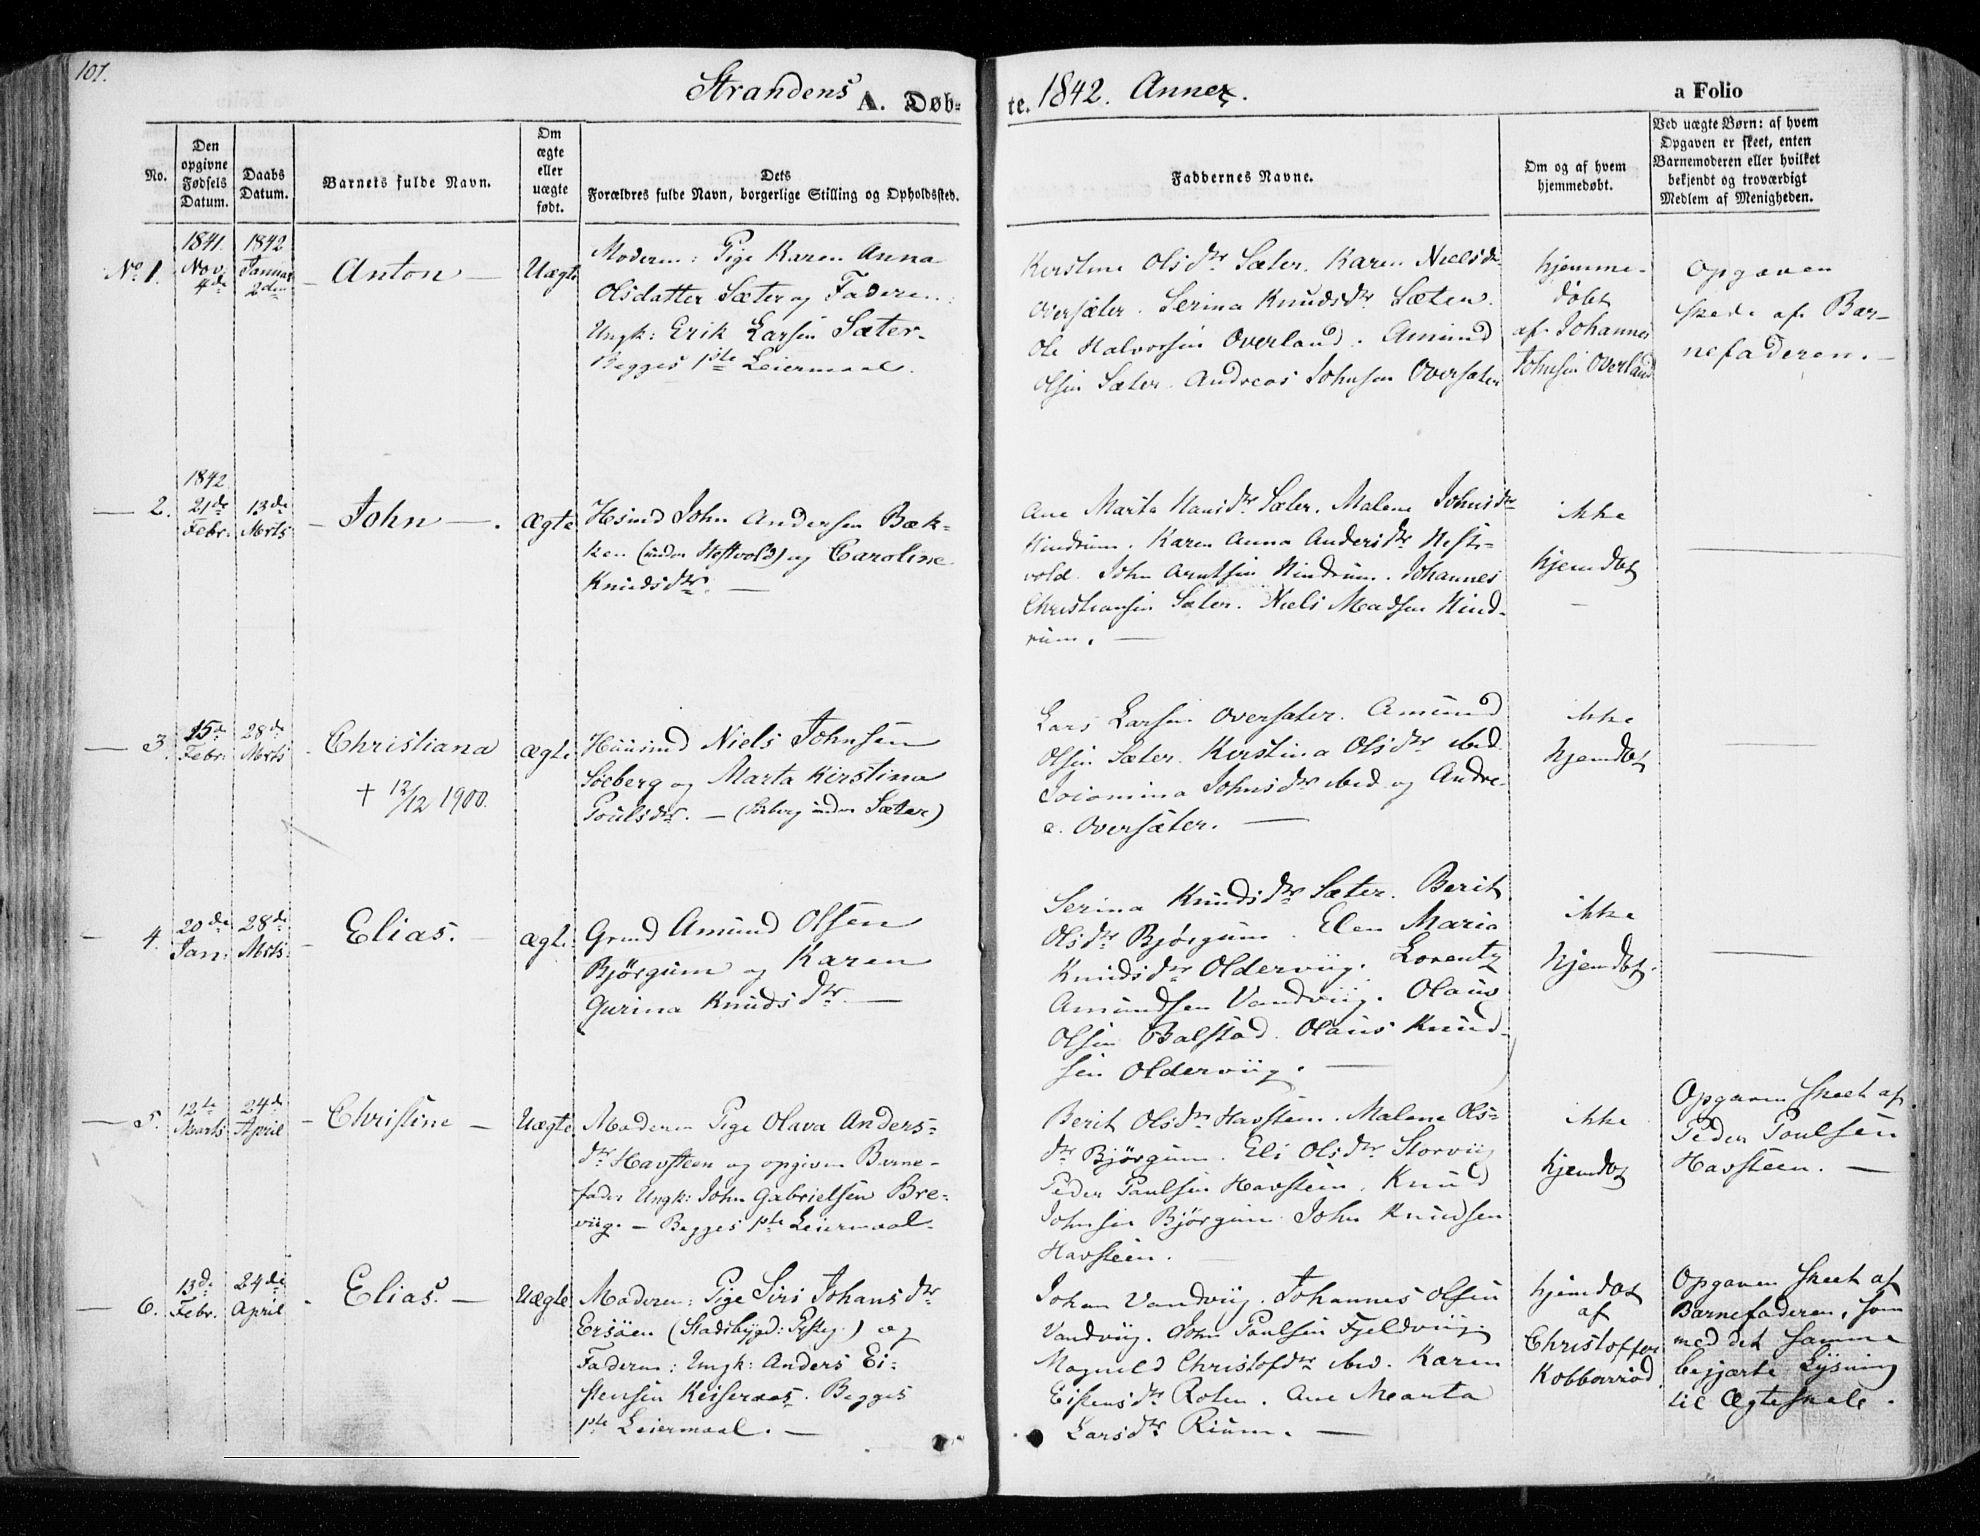 SAT, Ministerialprotokoller, klokkerbøker og fødselsregistre - Nord-Trøndelag, 701/L0007: Ministerialbok nr. 701A07 /2, 1842-1854, s. 101